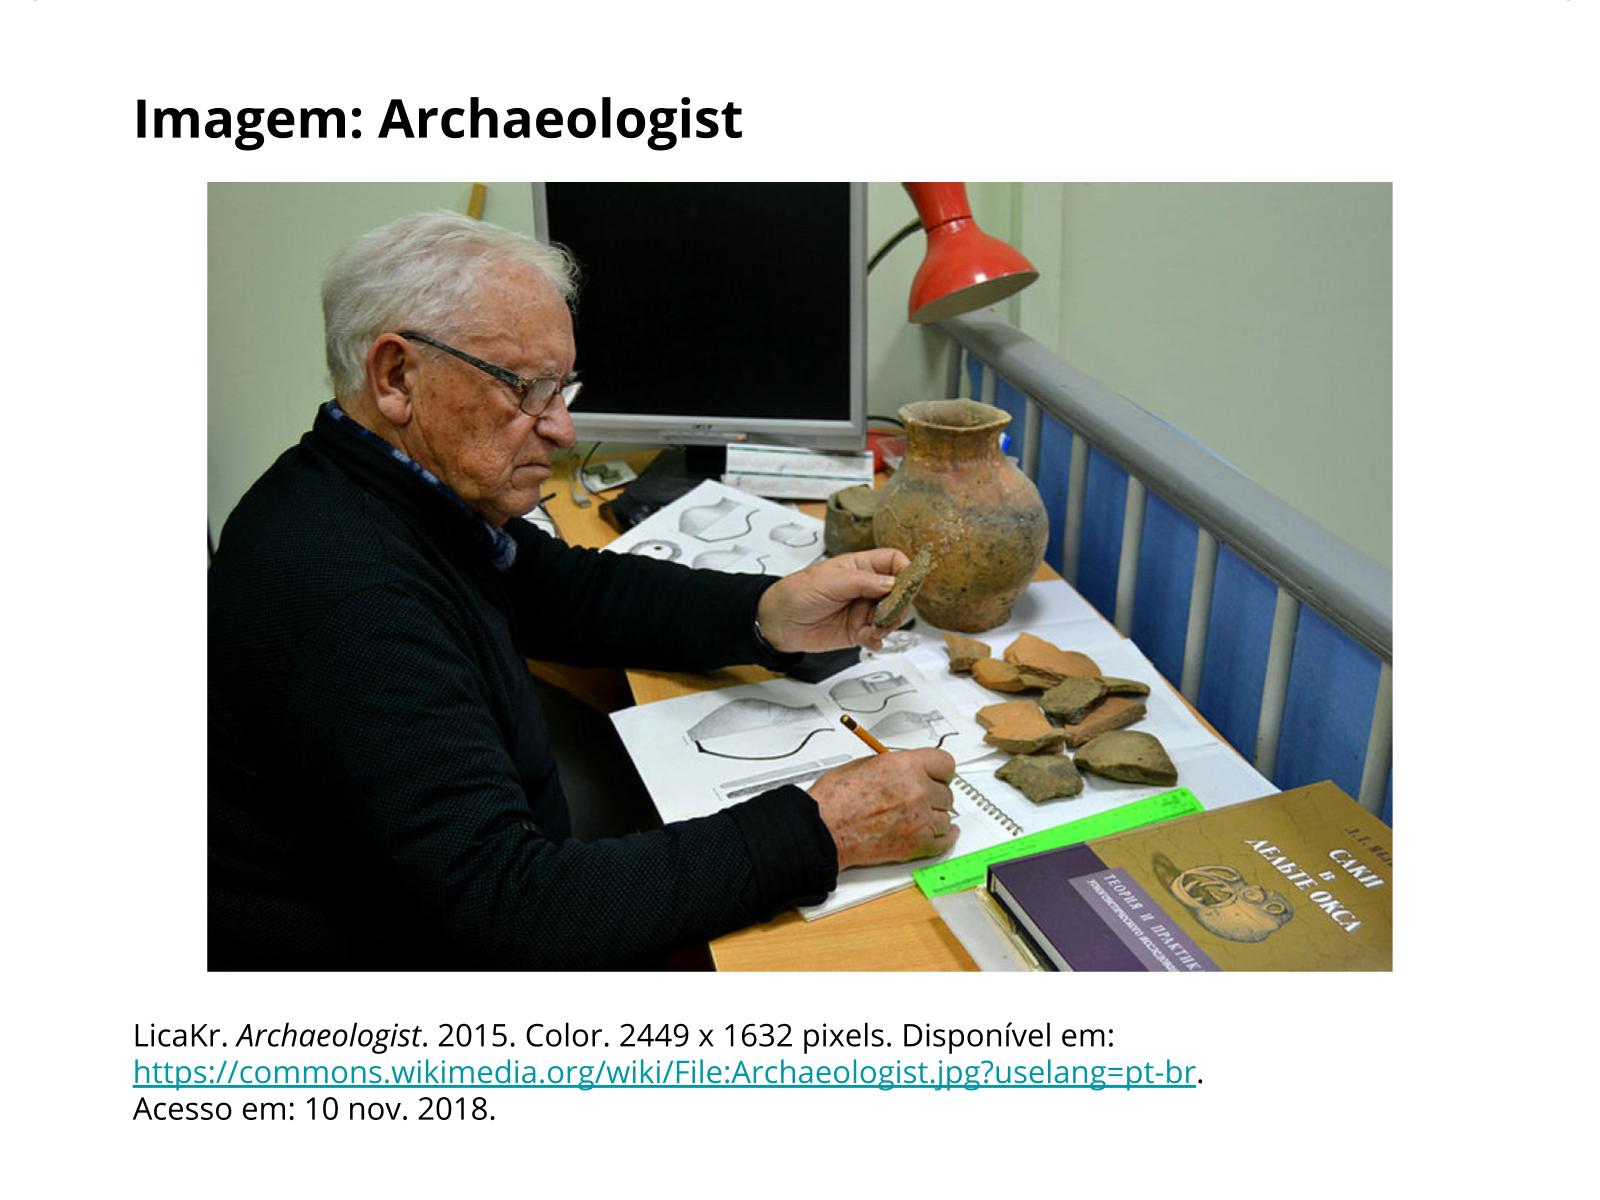 O trabalho arqueológico e o povoamento da América